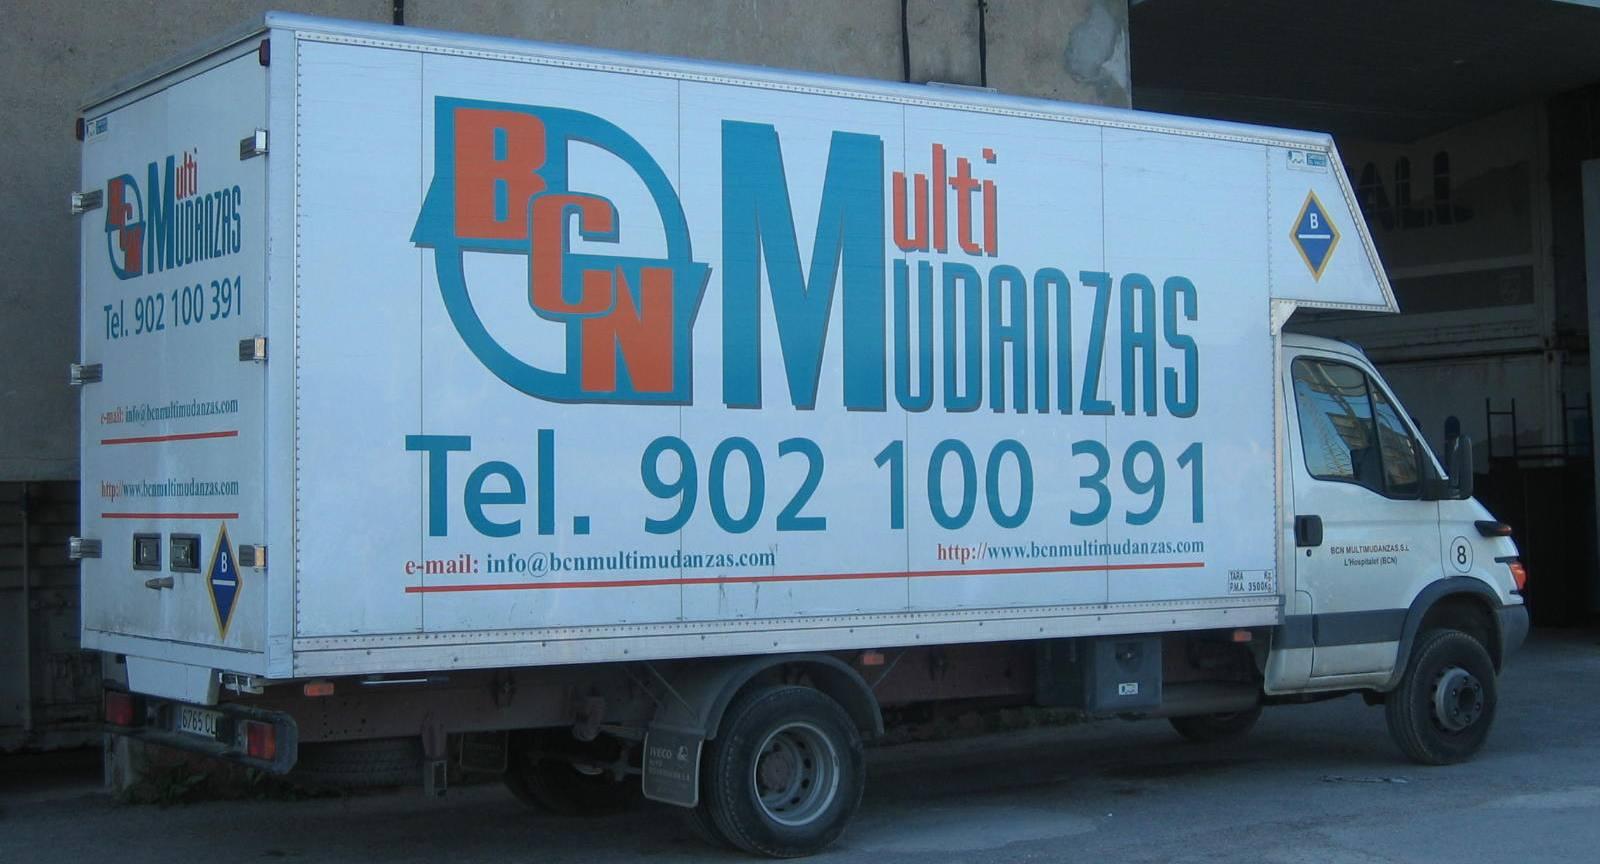 Mudanzas en sant boi de llobregat barcelona multimudanzas for Transporte muebles barcelona